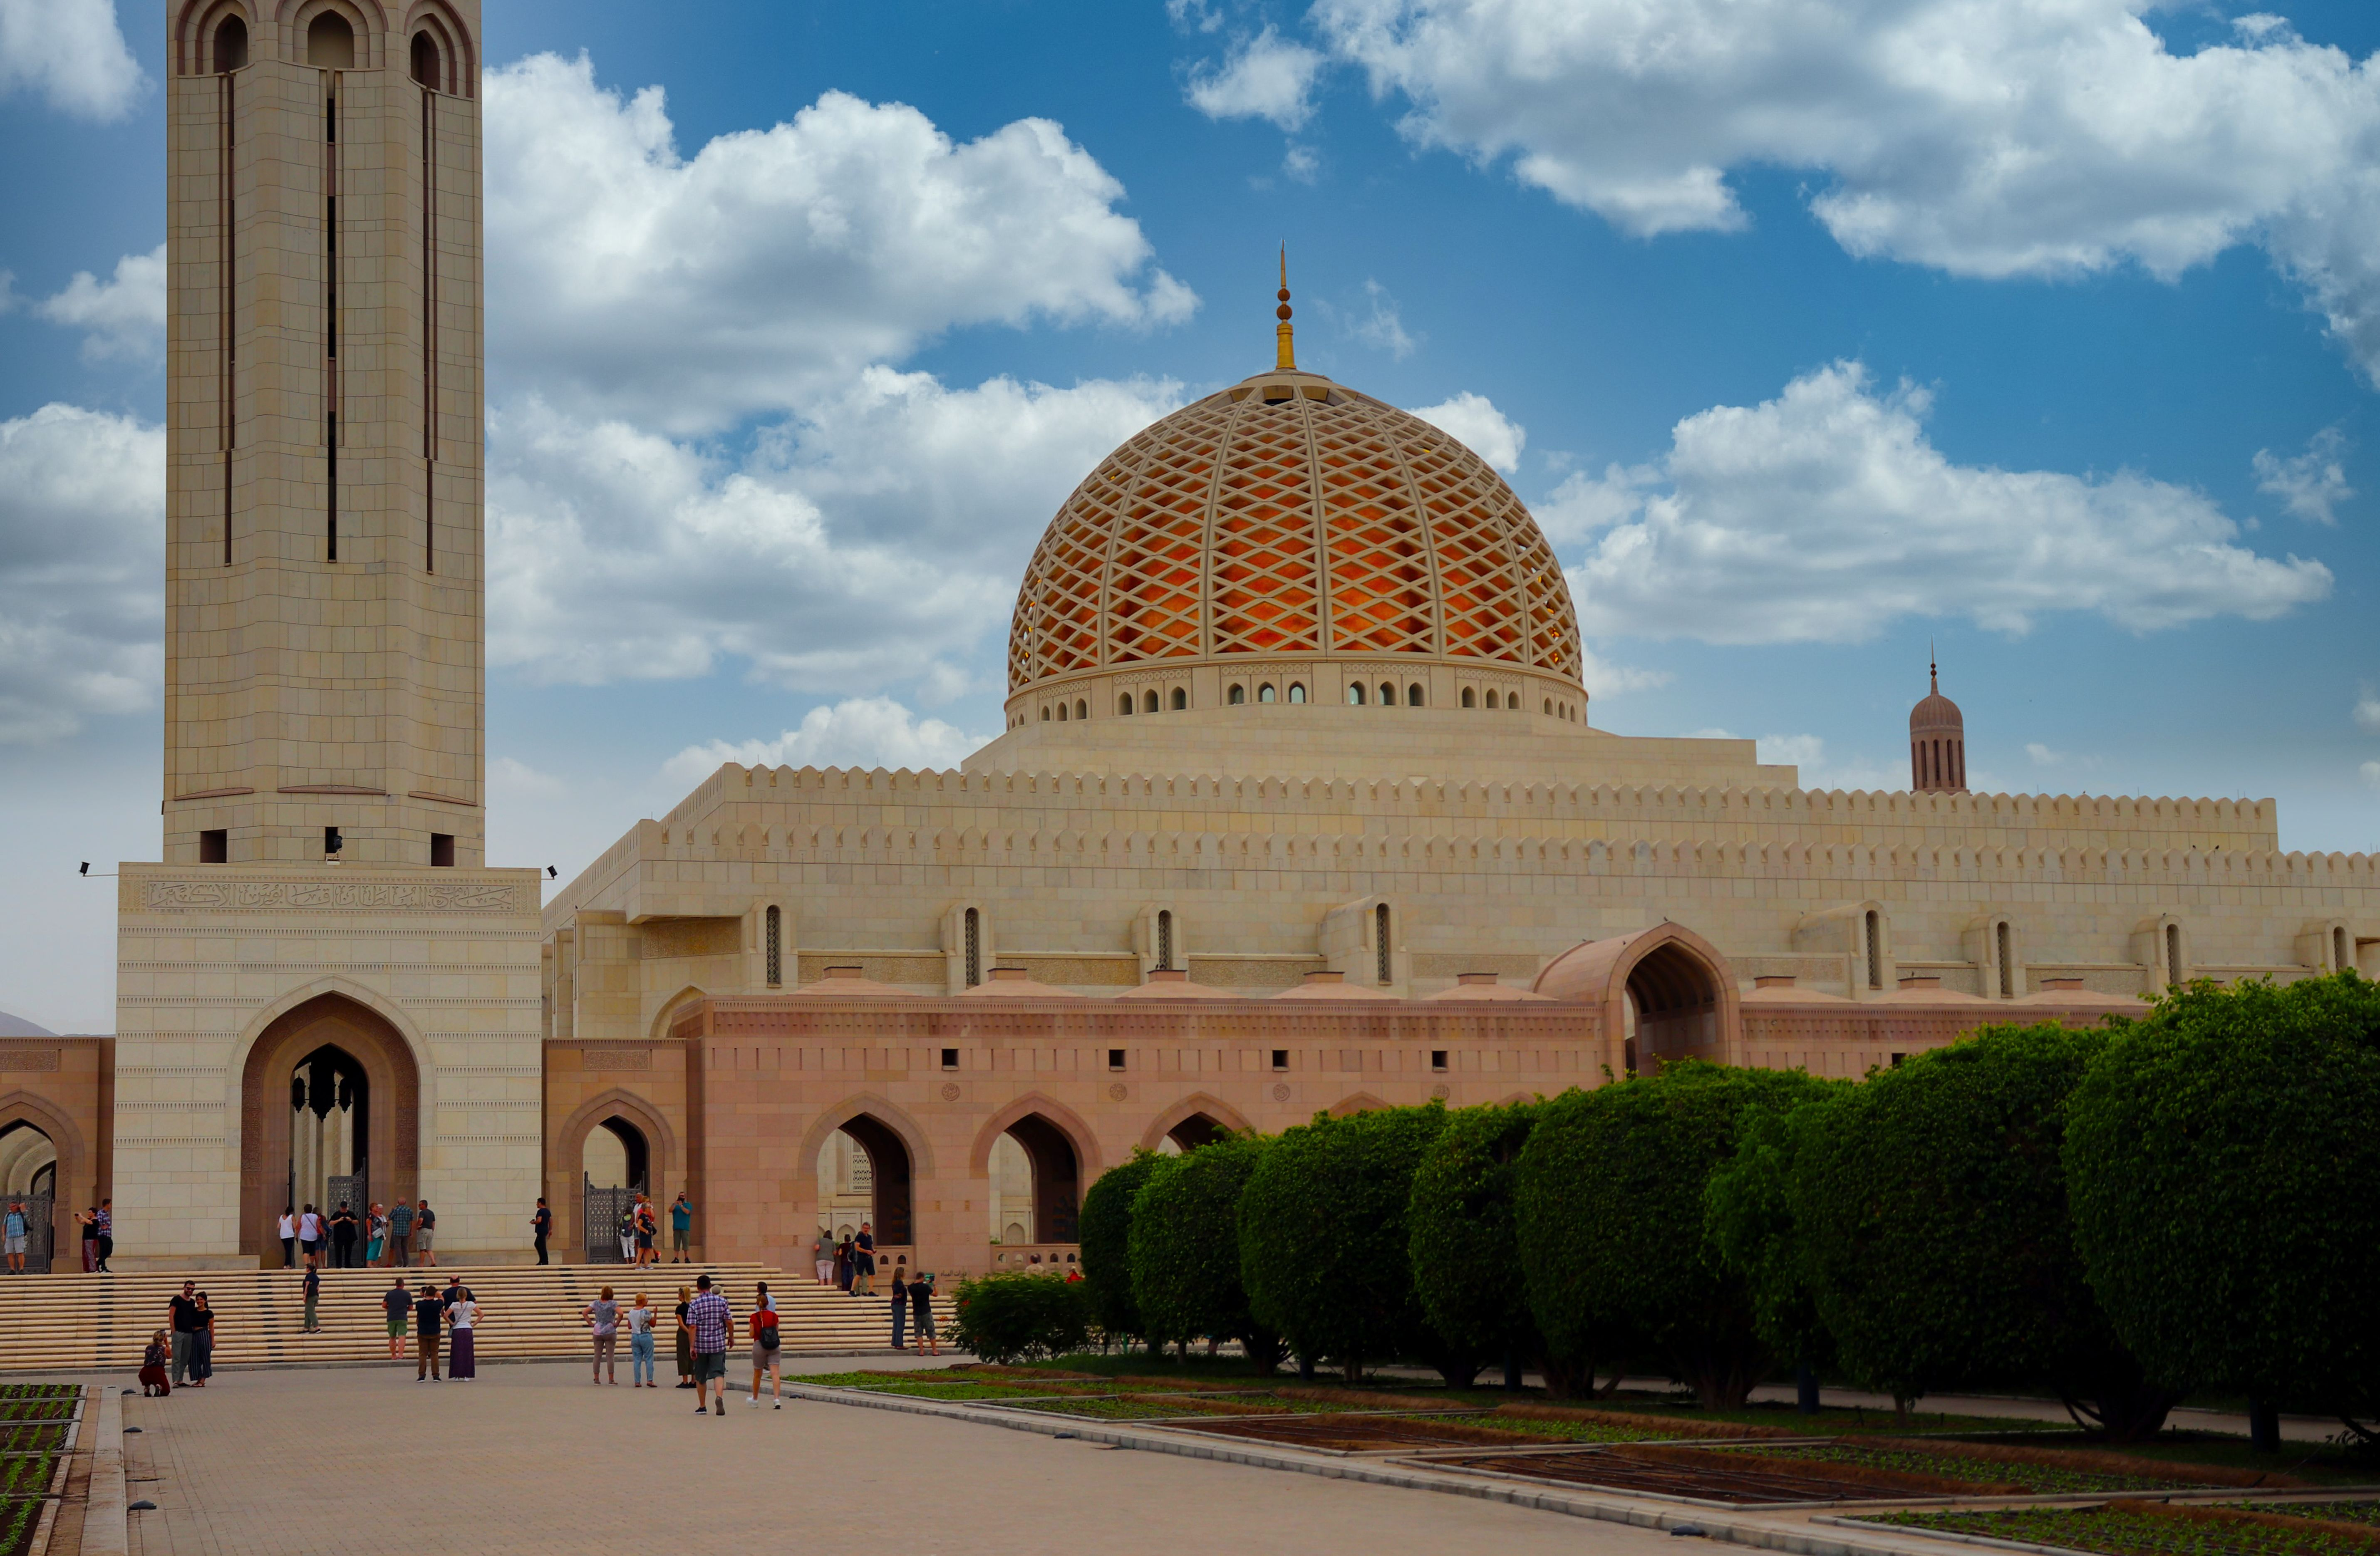 Sultan Qadoos Moschee